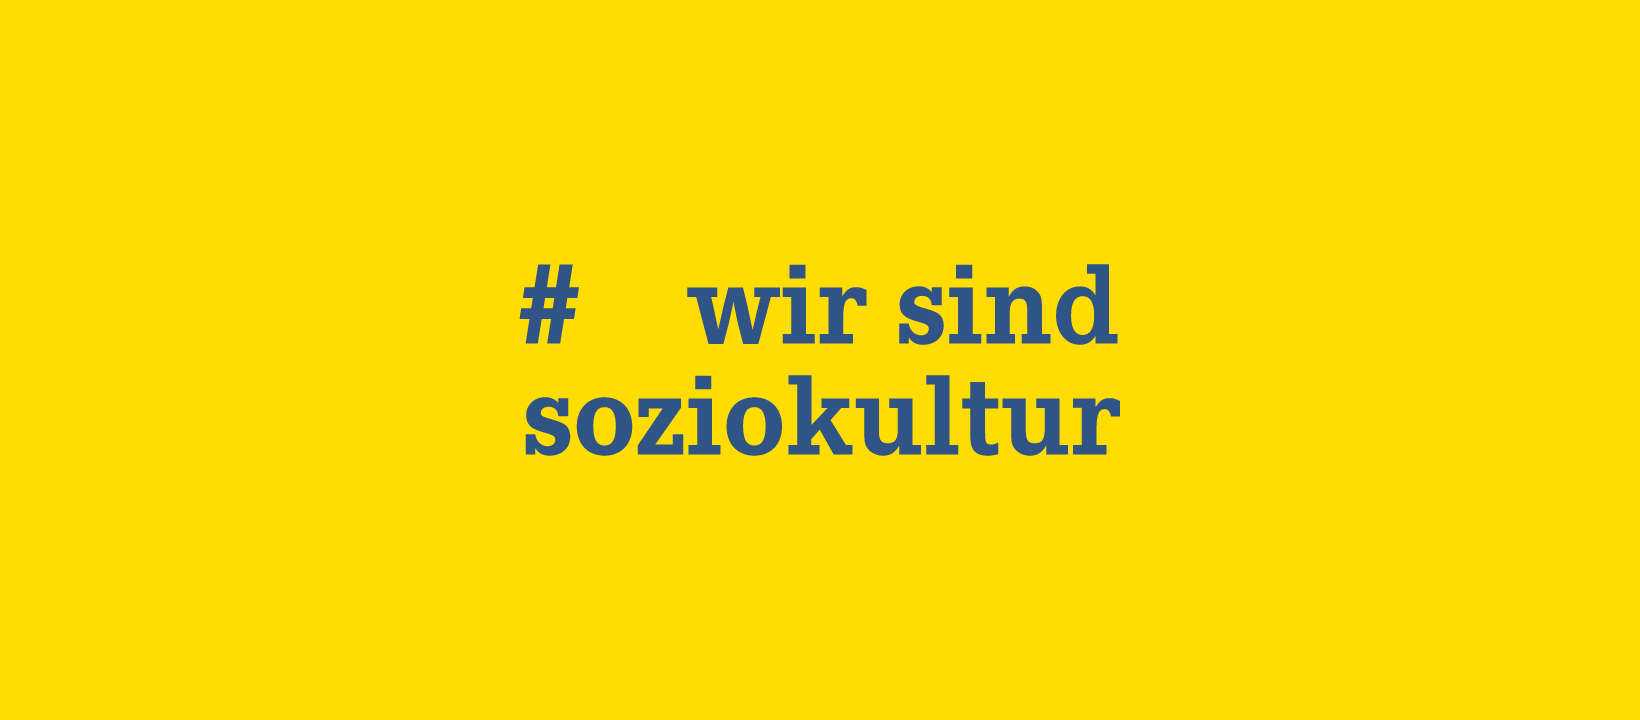 #wirsindsoziokultur